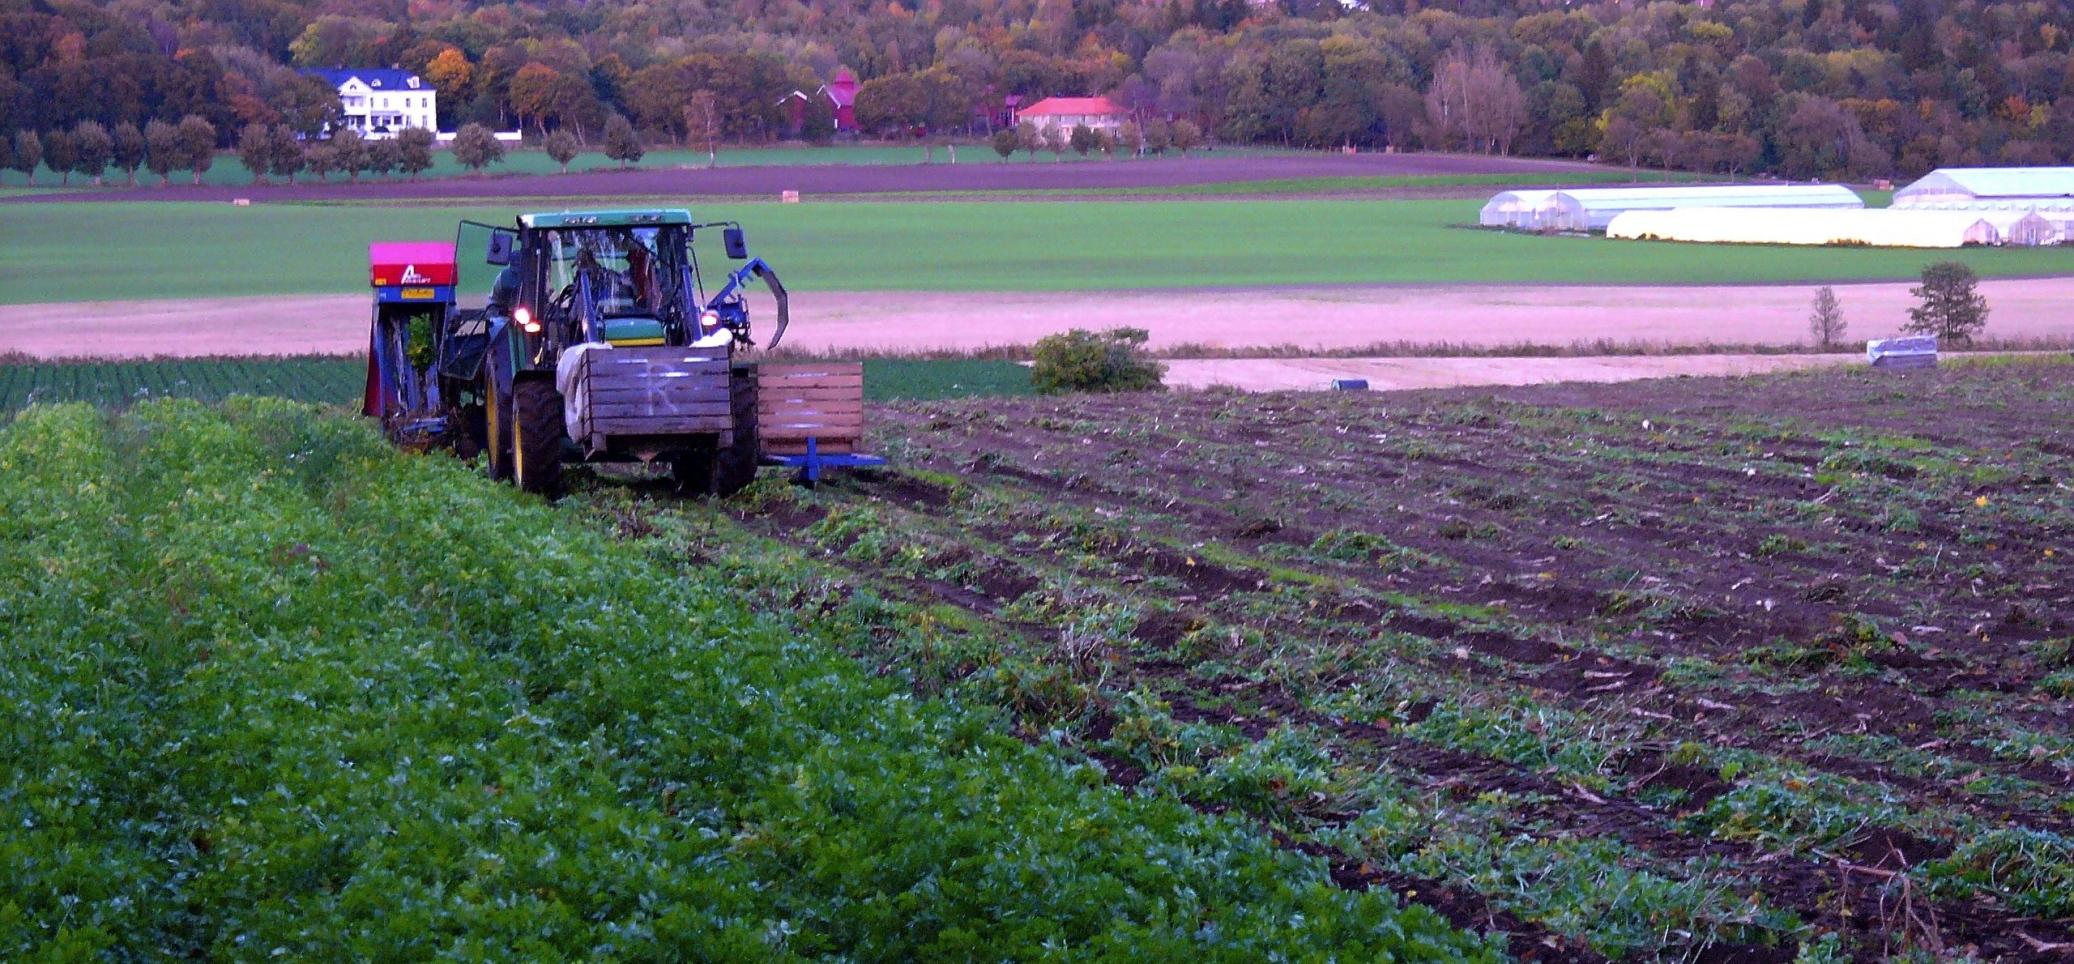 Traktor som kjører på et jorde